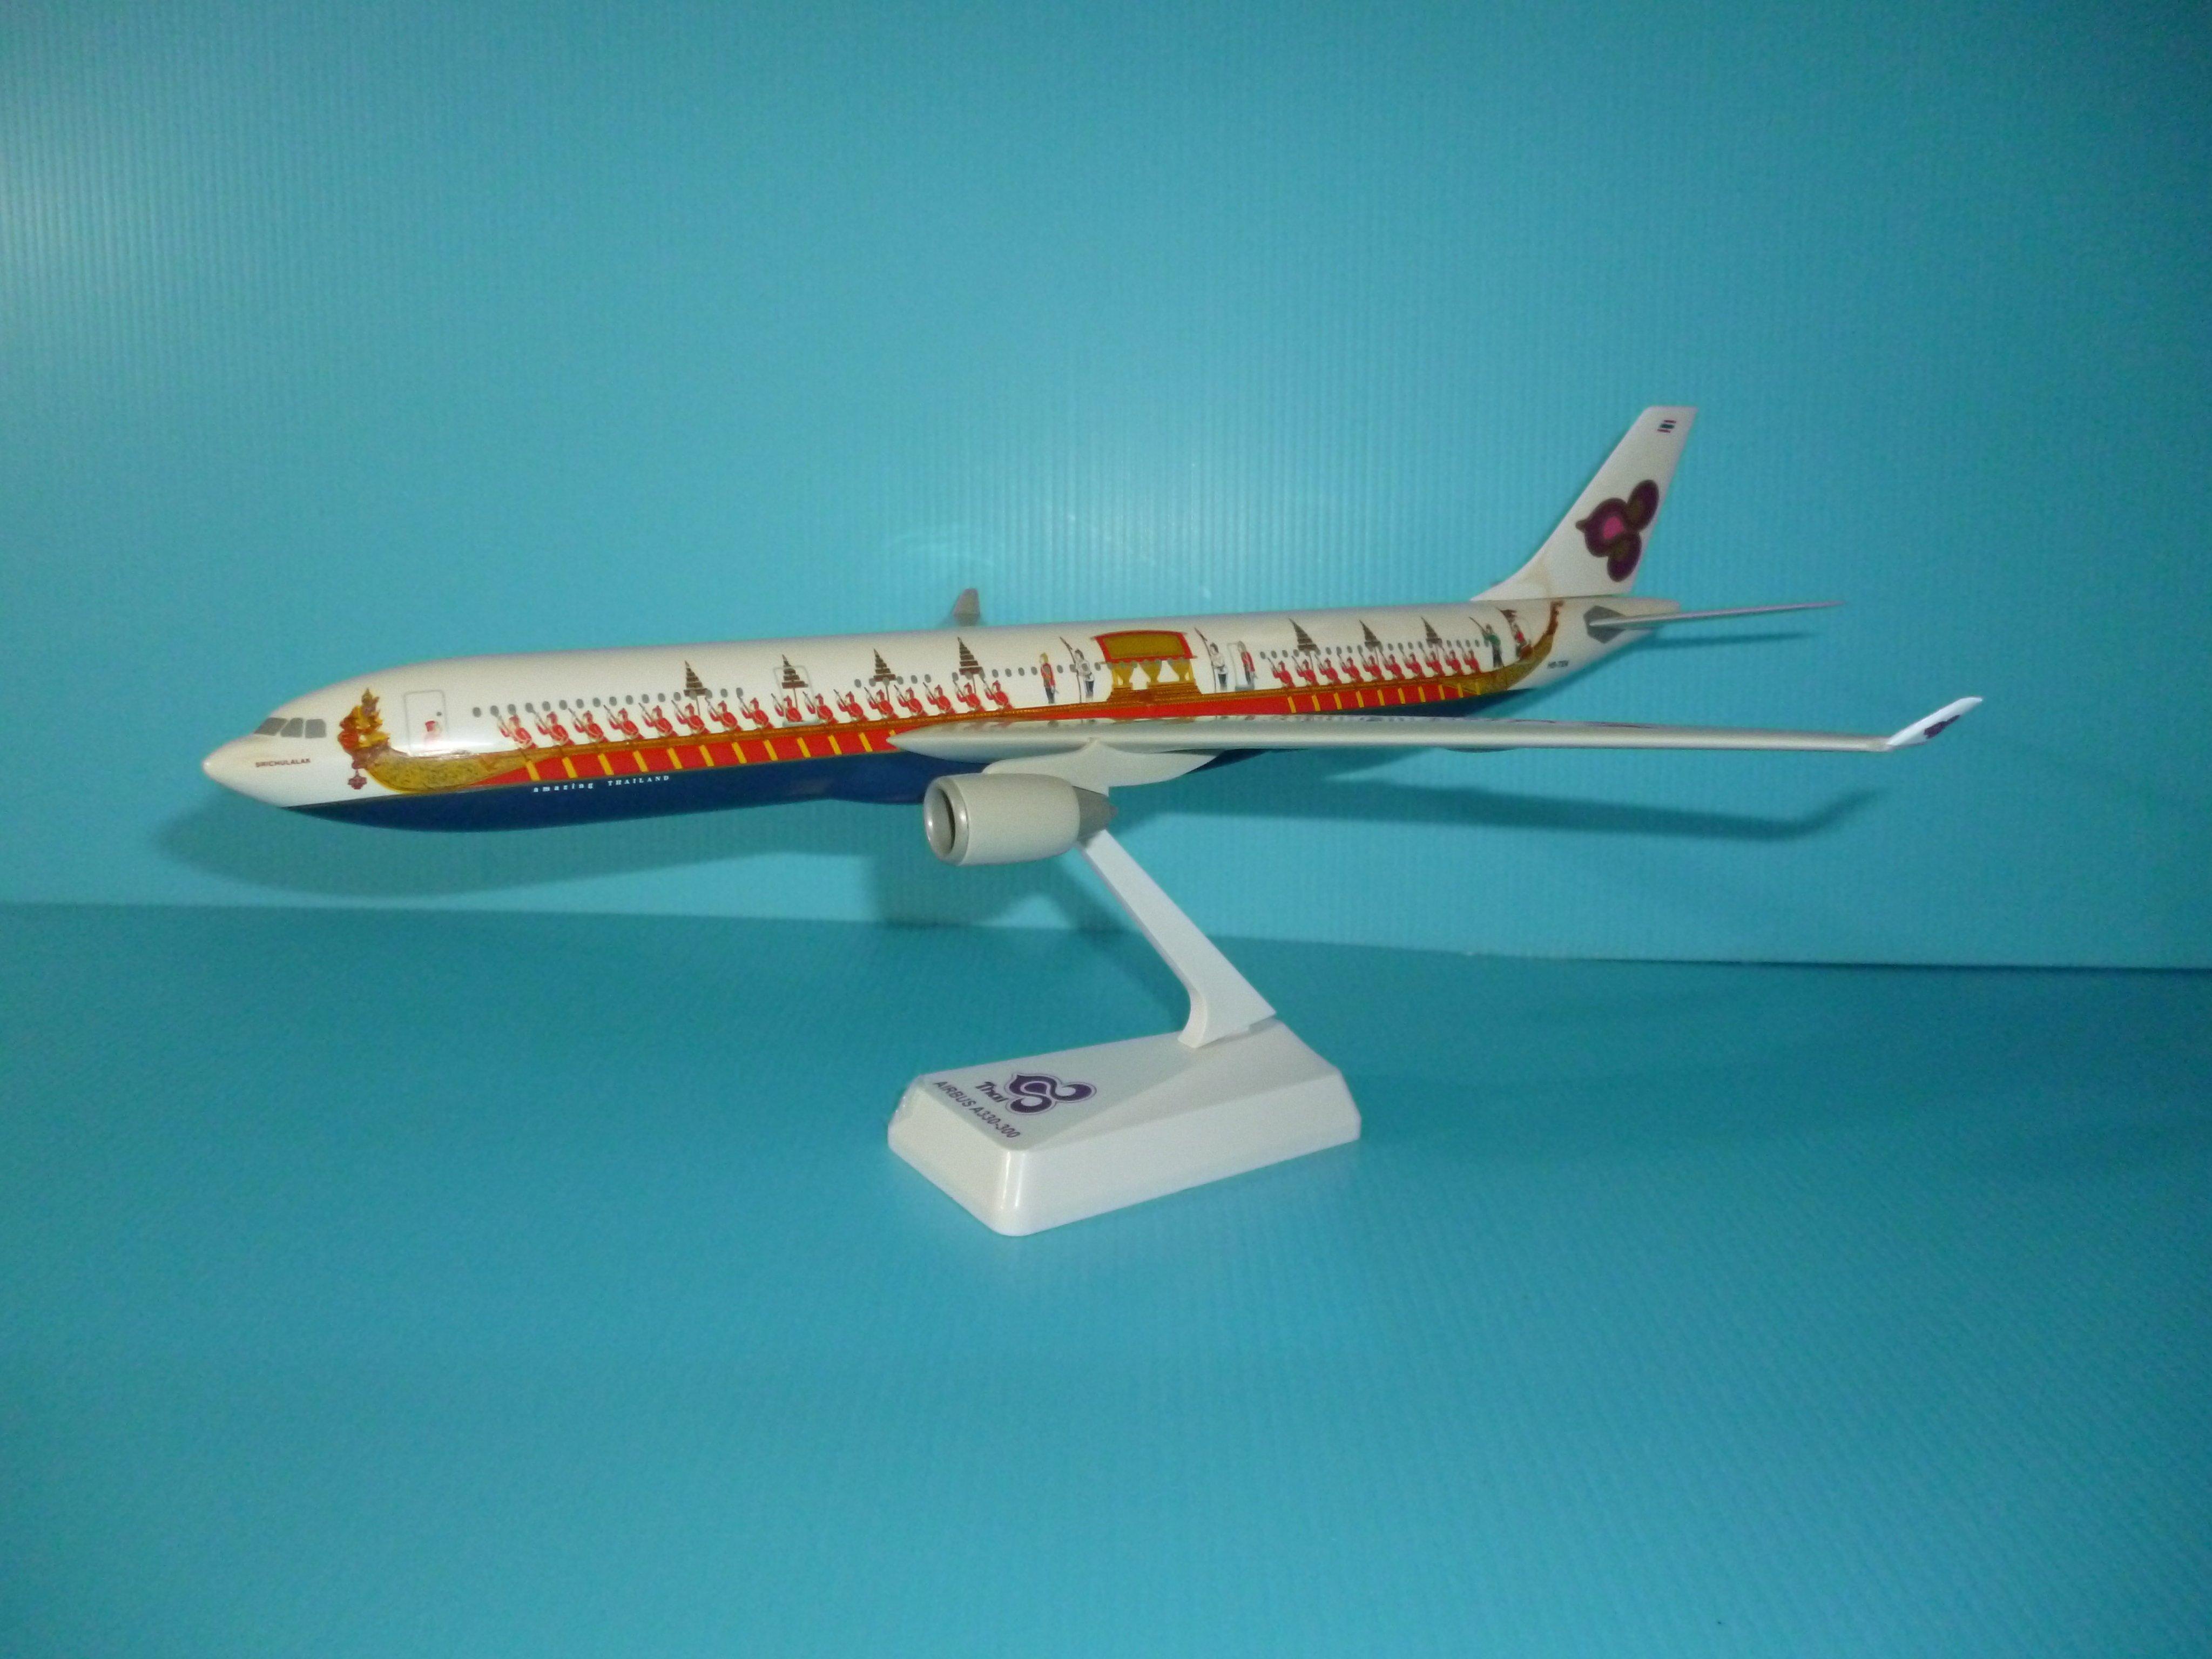 珍上飛模型飛機 : 空中巴士A330-300 (1:200)Thai泰國(彩繪龍舟)(編號:A330A31)